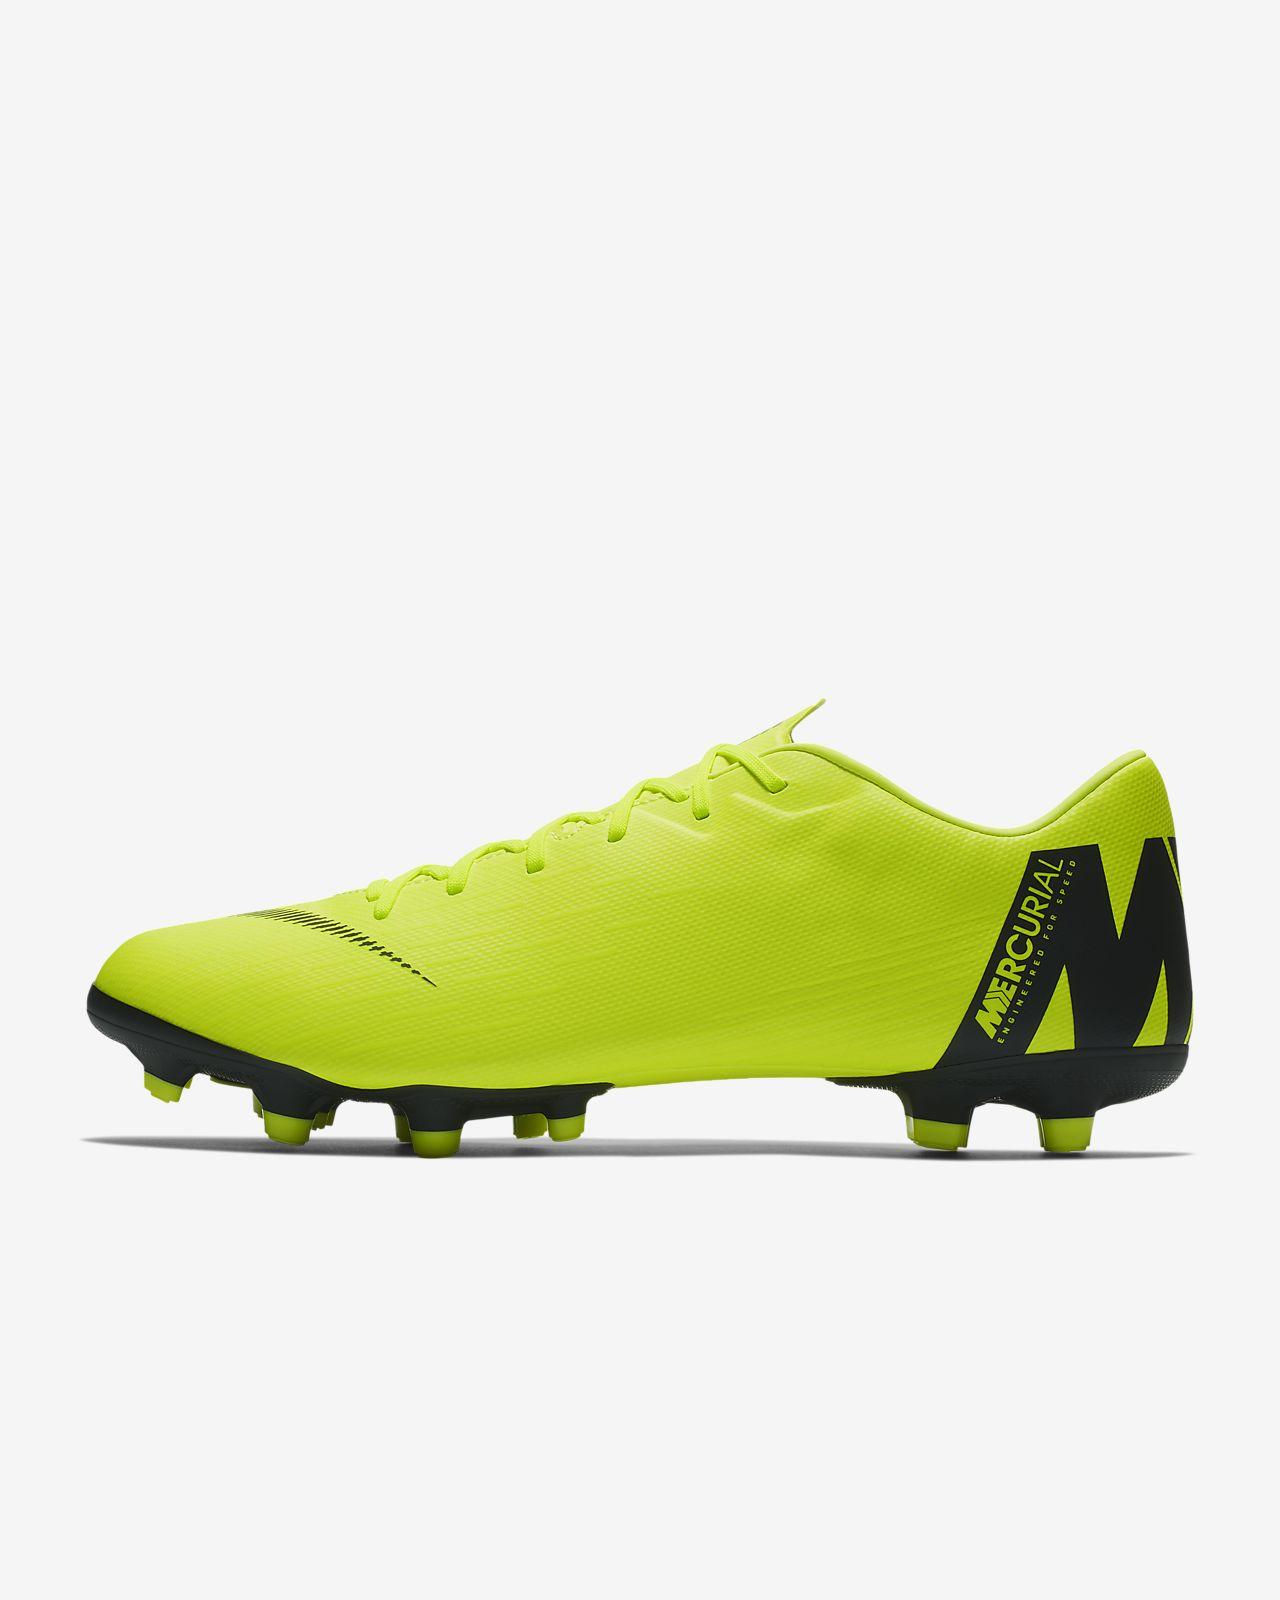 online retailer fa814 8a272 Chaussure de football multi-terrains à crampons Nike Vapor 12 Academy MG